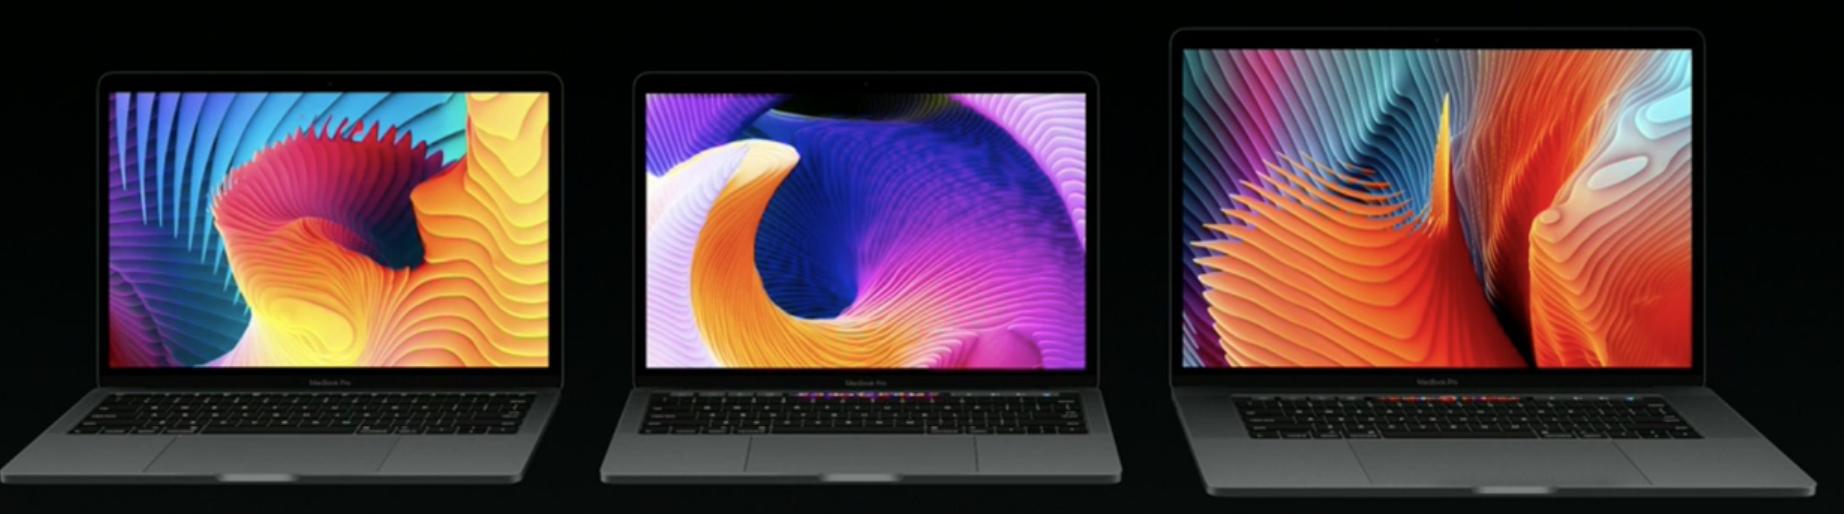 New 2016 Macbook Pro Wallpapers Macrumors Forums